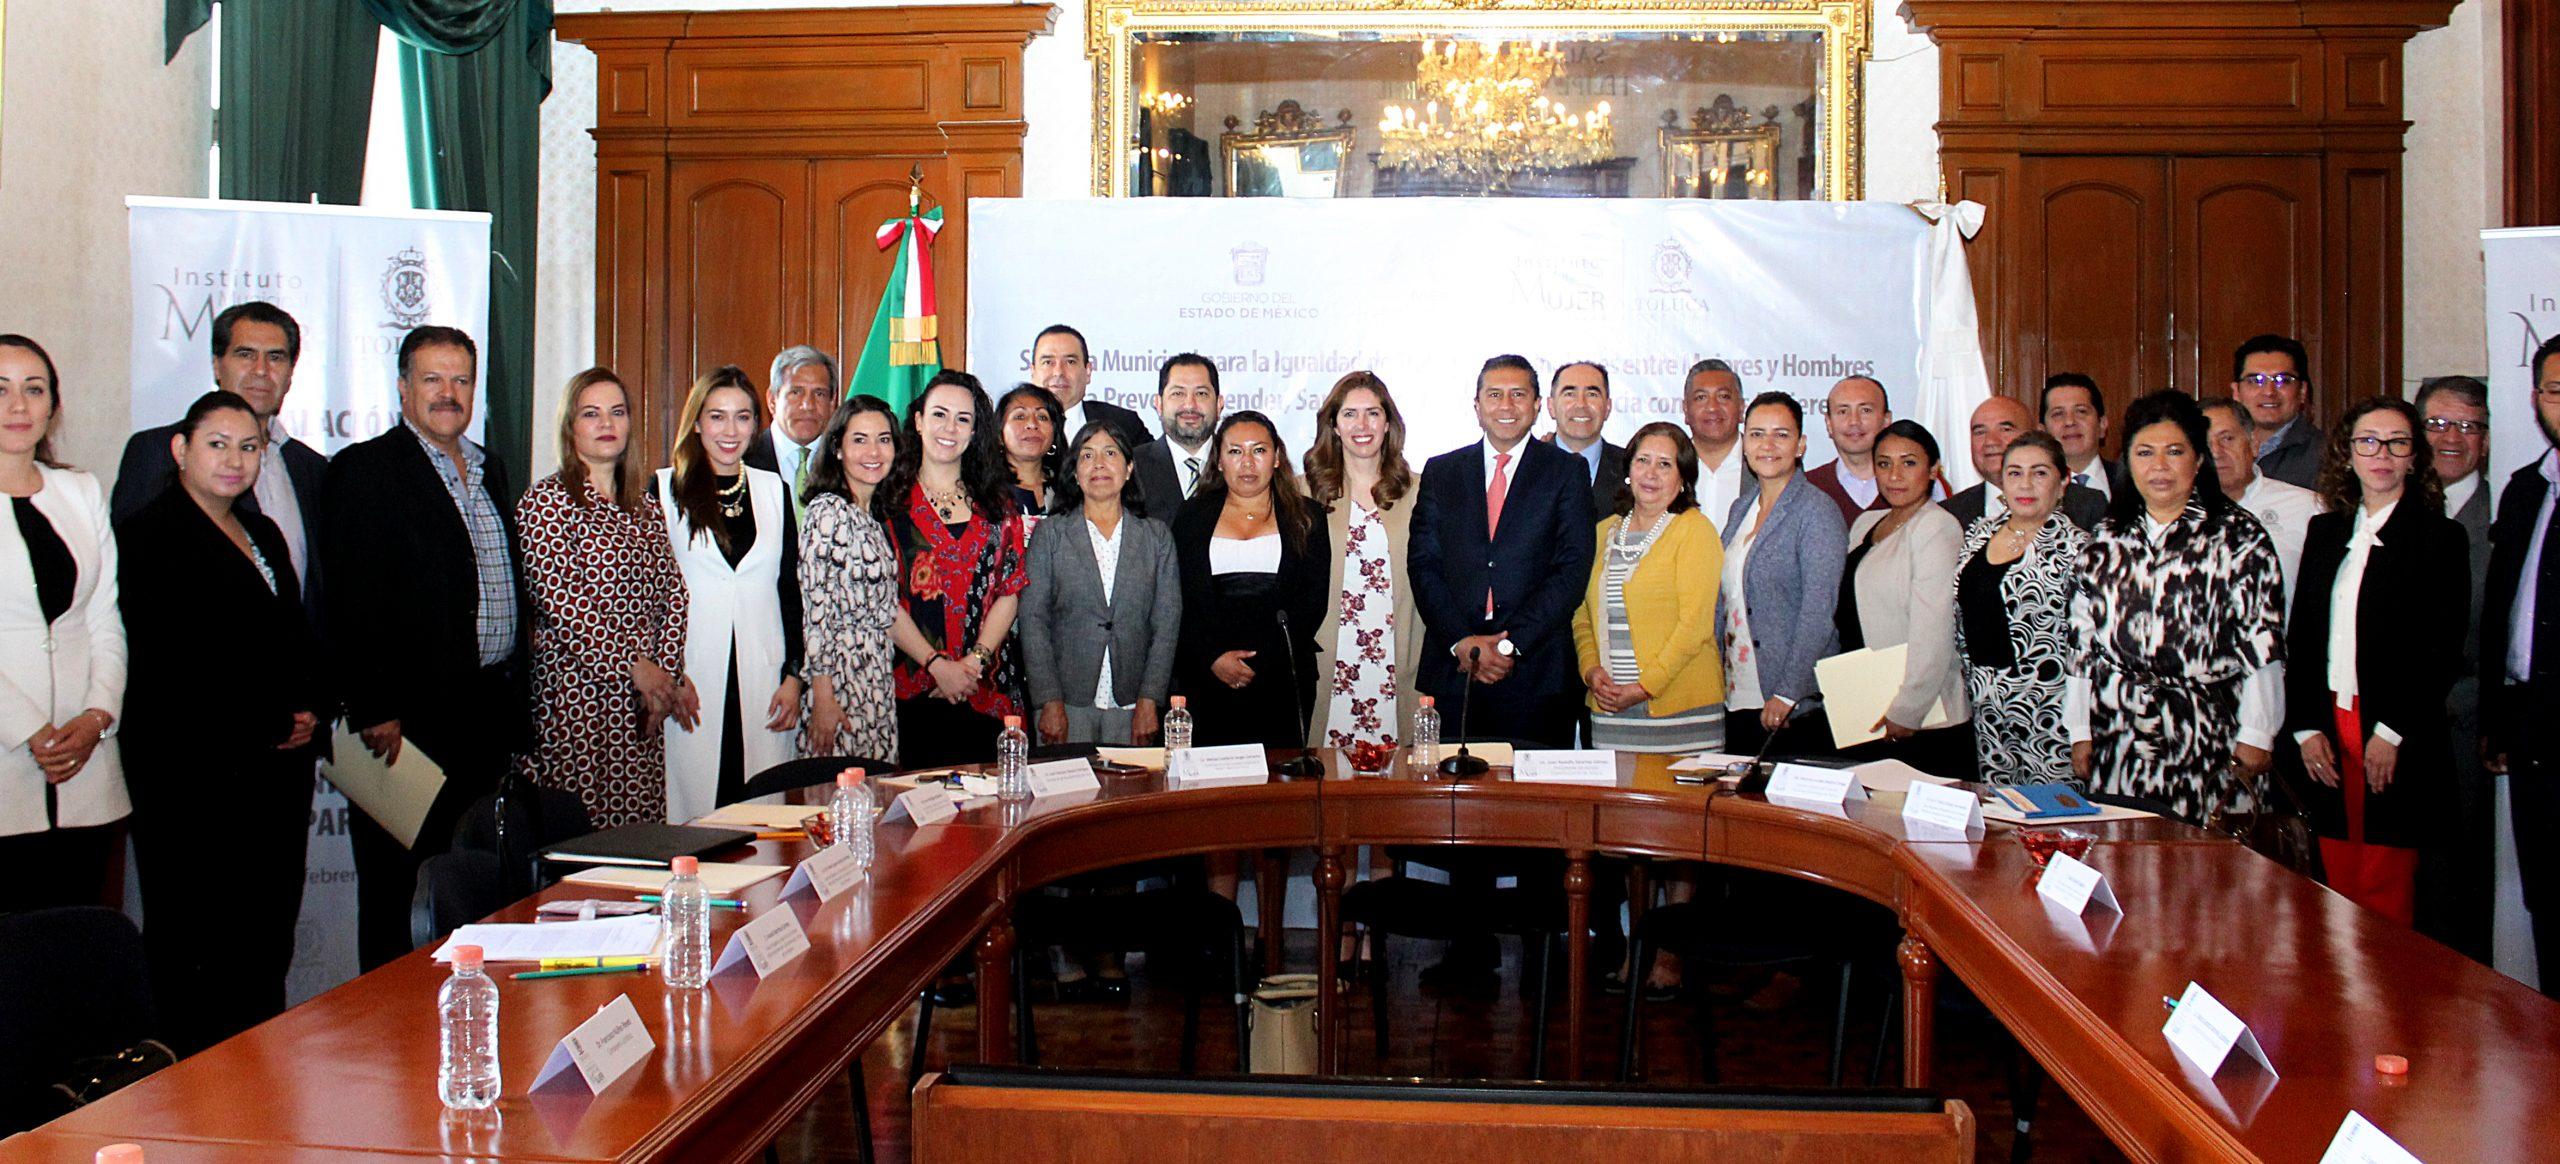 Empeñados en que Toluca sea una ciudad segura, principalmente para mujeres y niñas: Juan Rodolfo